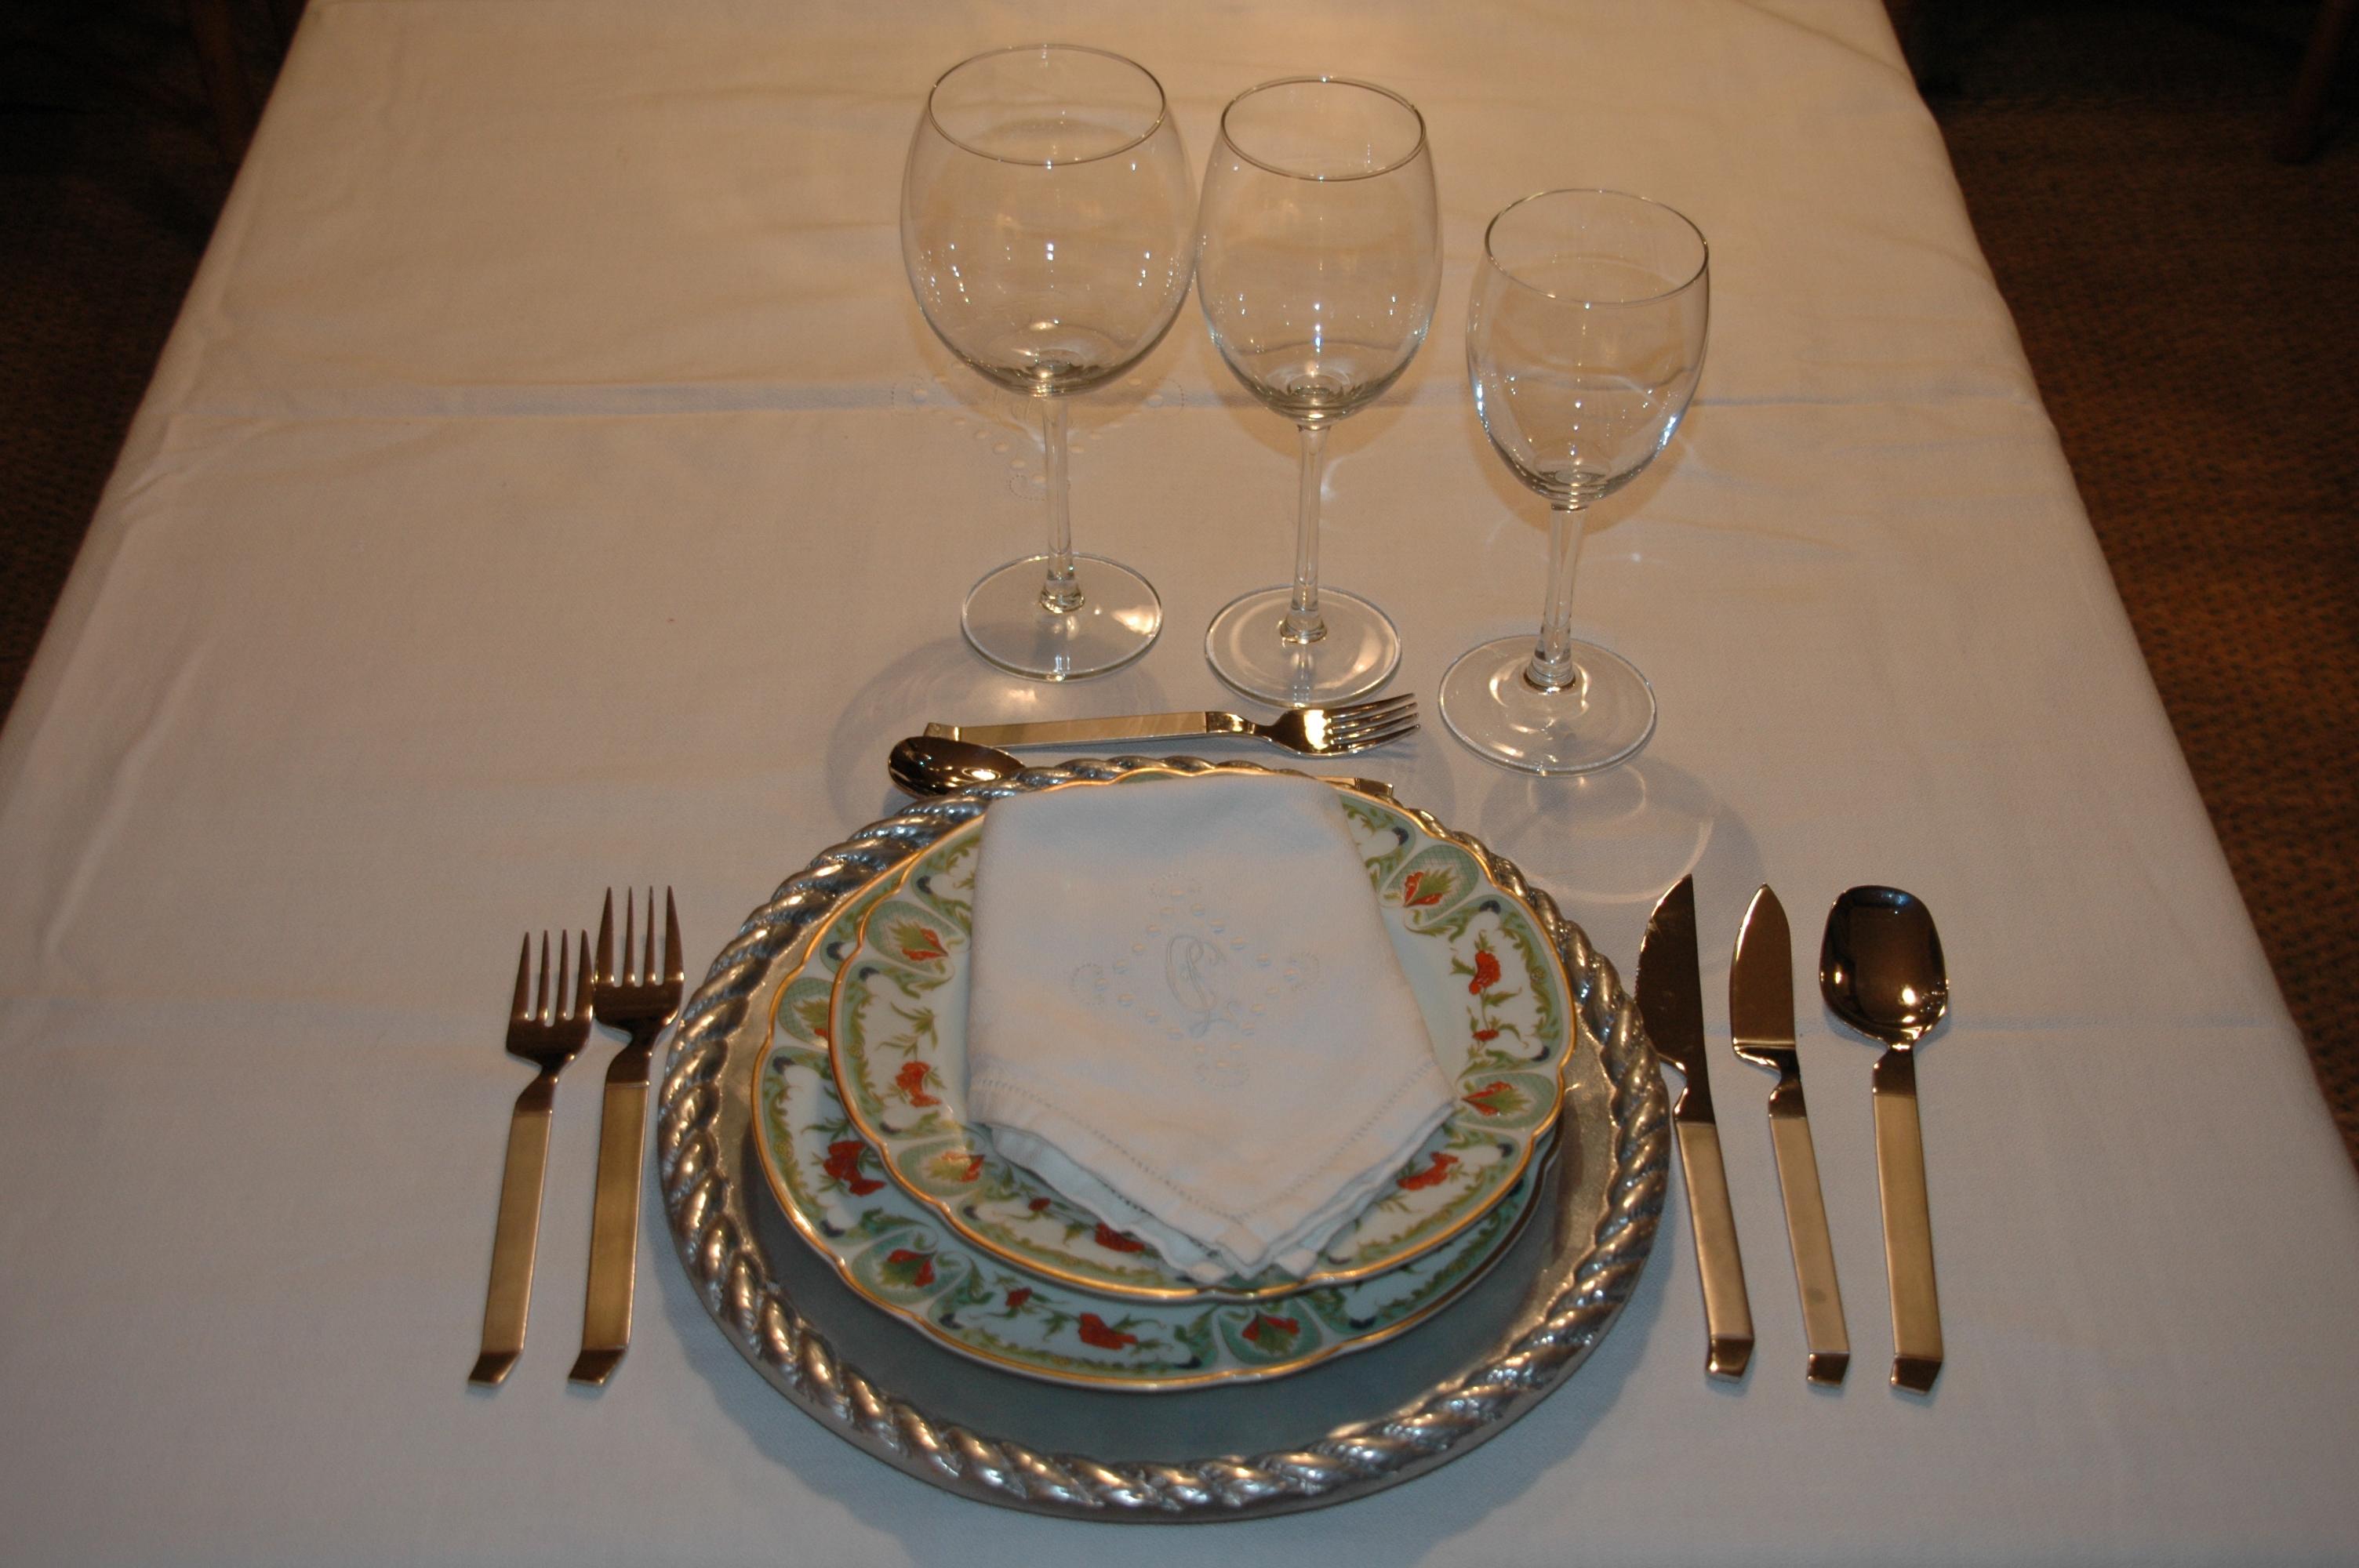 Elementos y decoraci n de la mesa y ii for Orden de los cubiertos en la mesa